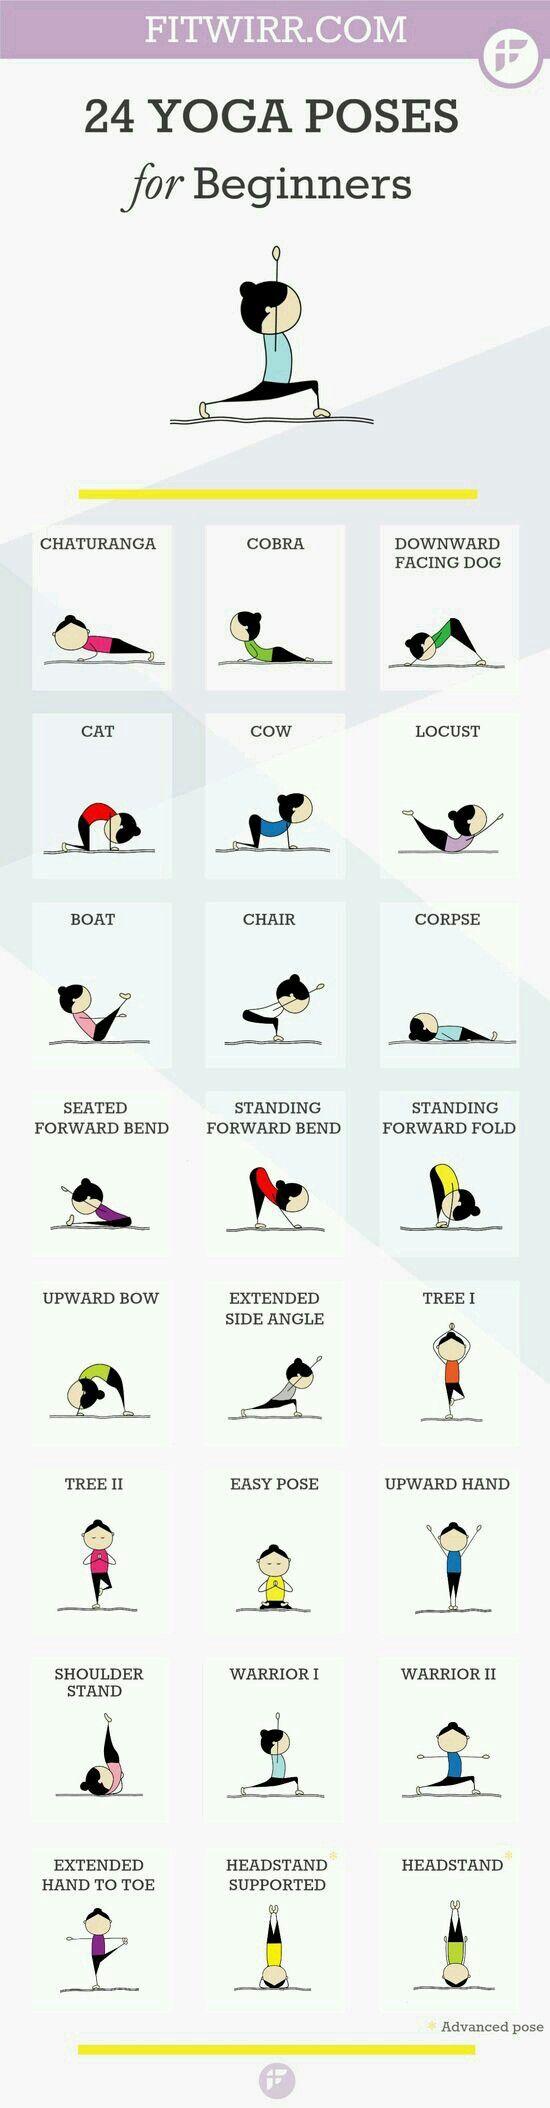 chicas una yoga a la noche y a  la mañana  vasta para estar  bien estirada